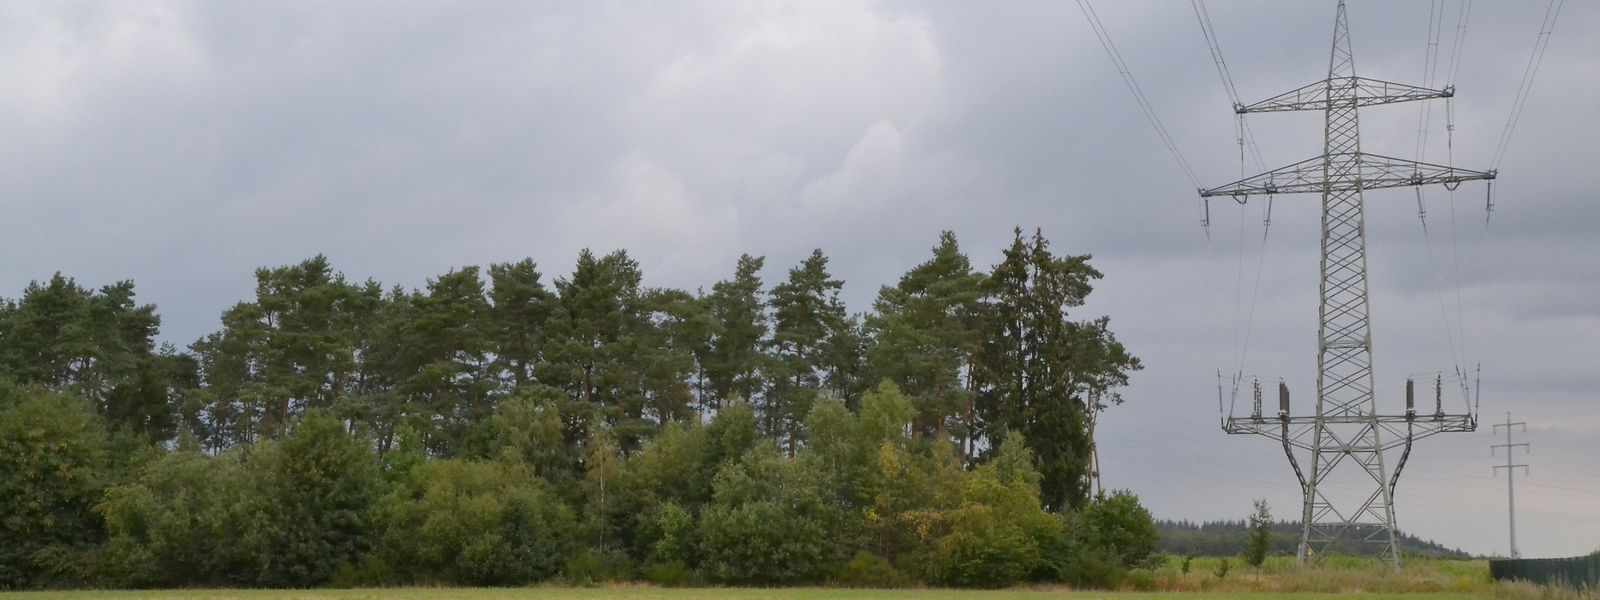 Auf dem Plateau neben der Nordautobahn möchte Creos das neue Umspannwerk errichten.